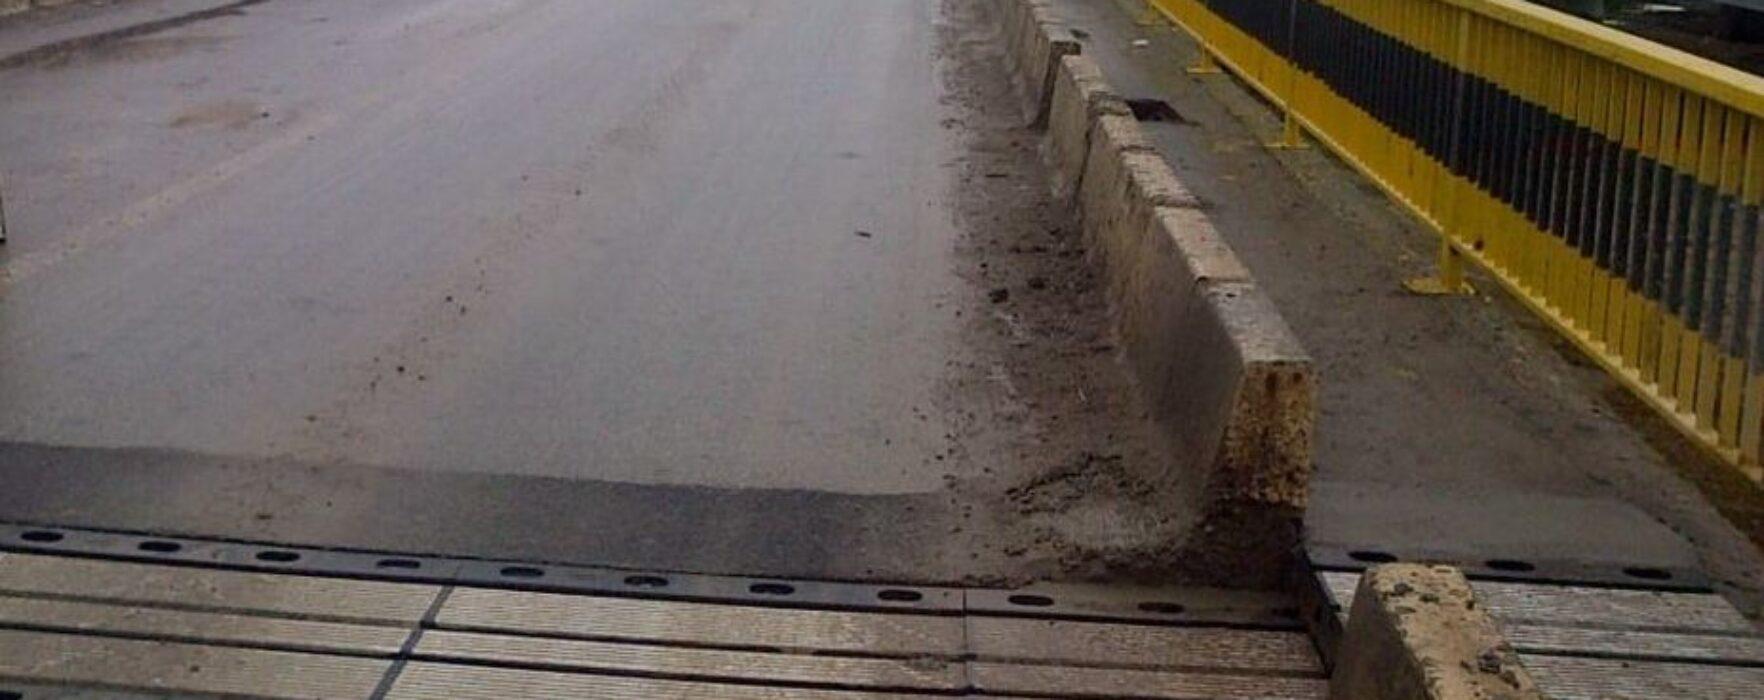 Podul peste Bizdidel, de la Pucioasa, în pericol de prăbuşire